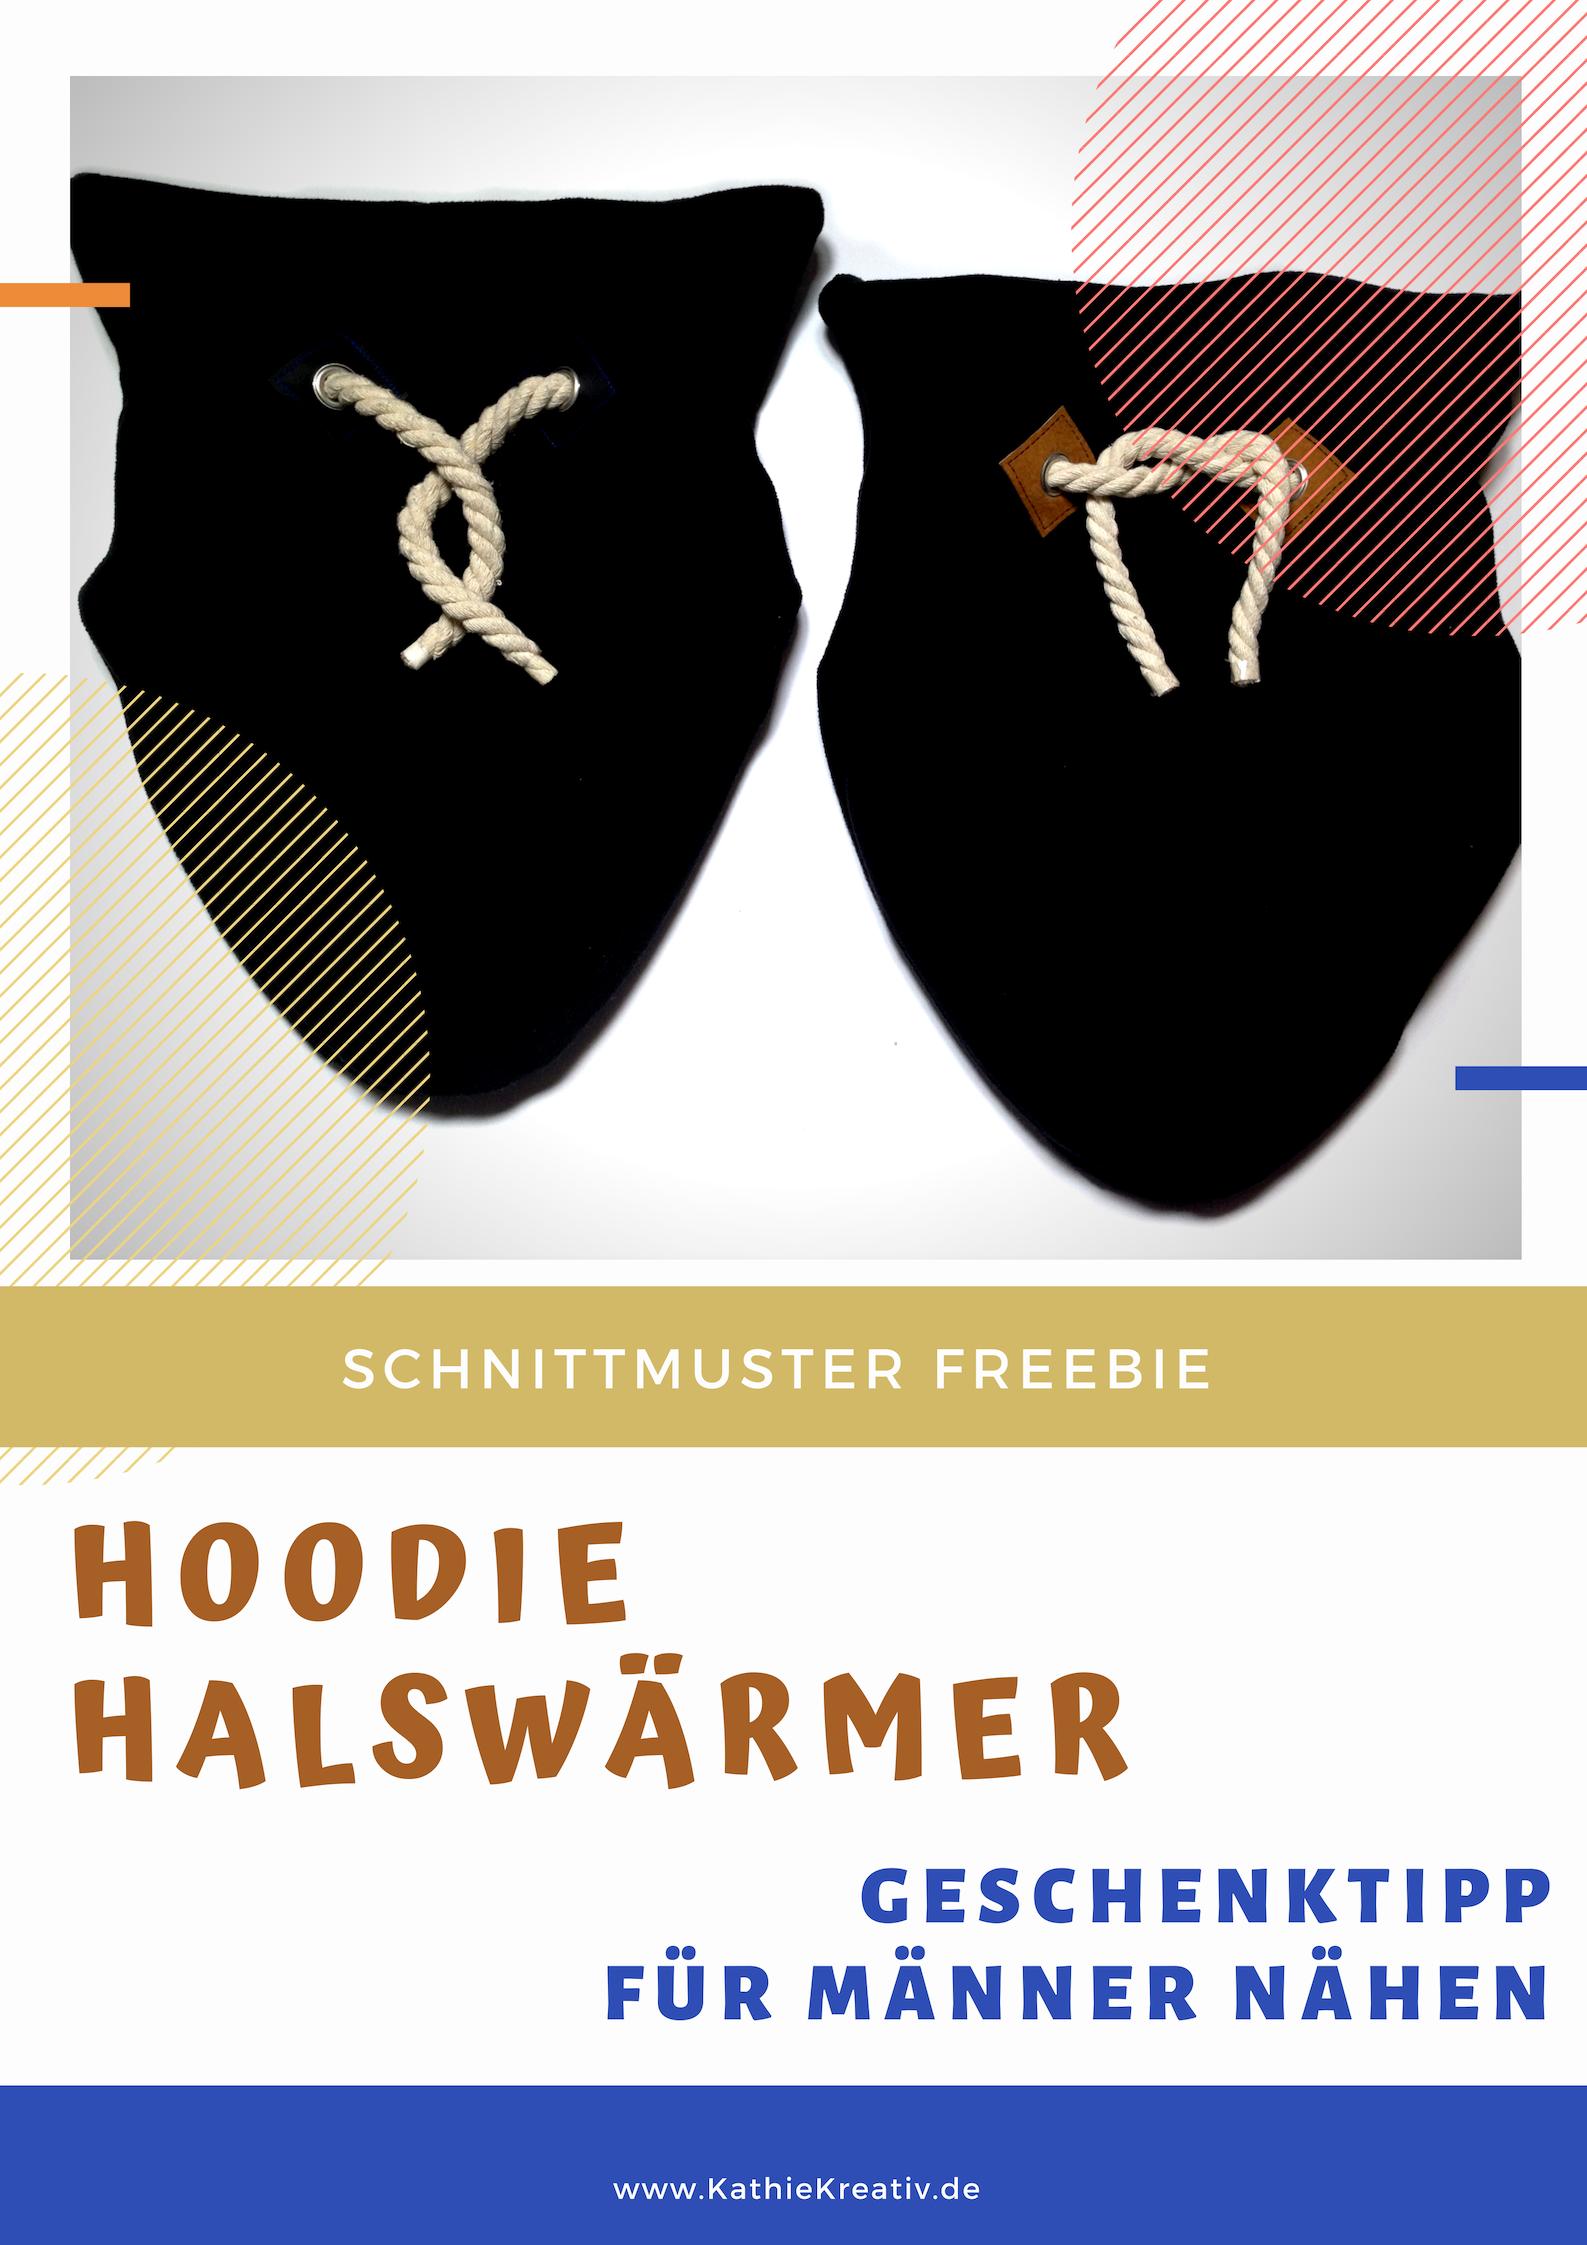 Hoodie•Halswärmer nähen für Männer mit KathieKreativ • #Freebie #Schnittmuster • Geschenk #nähen